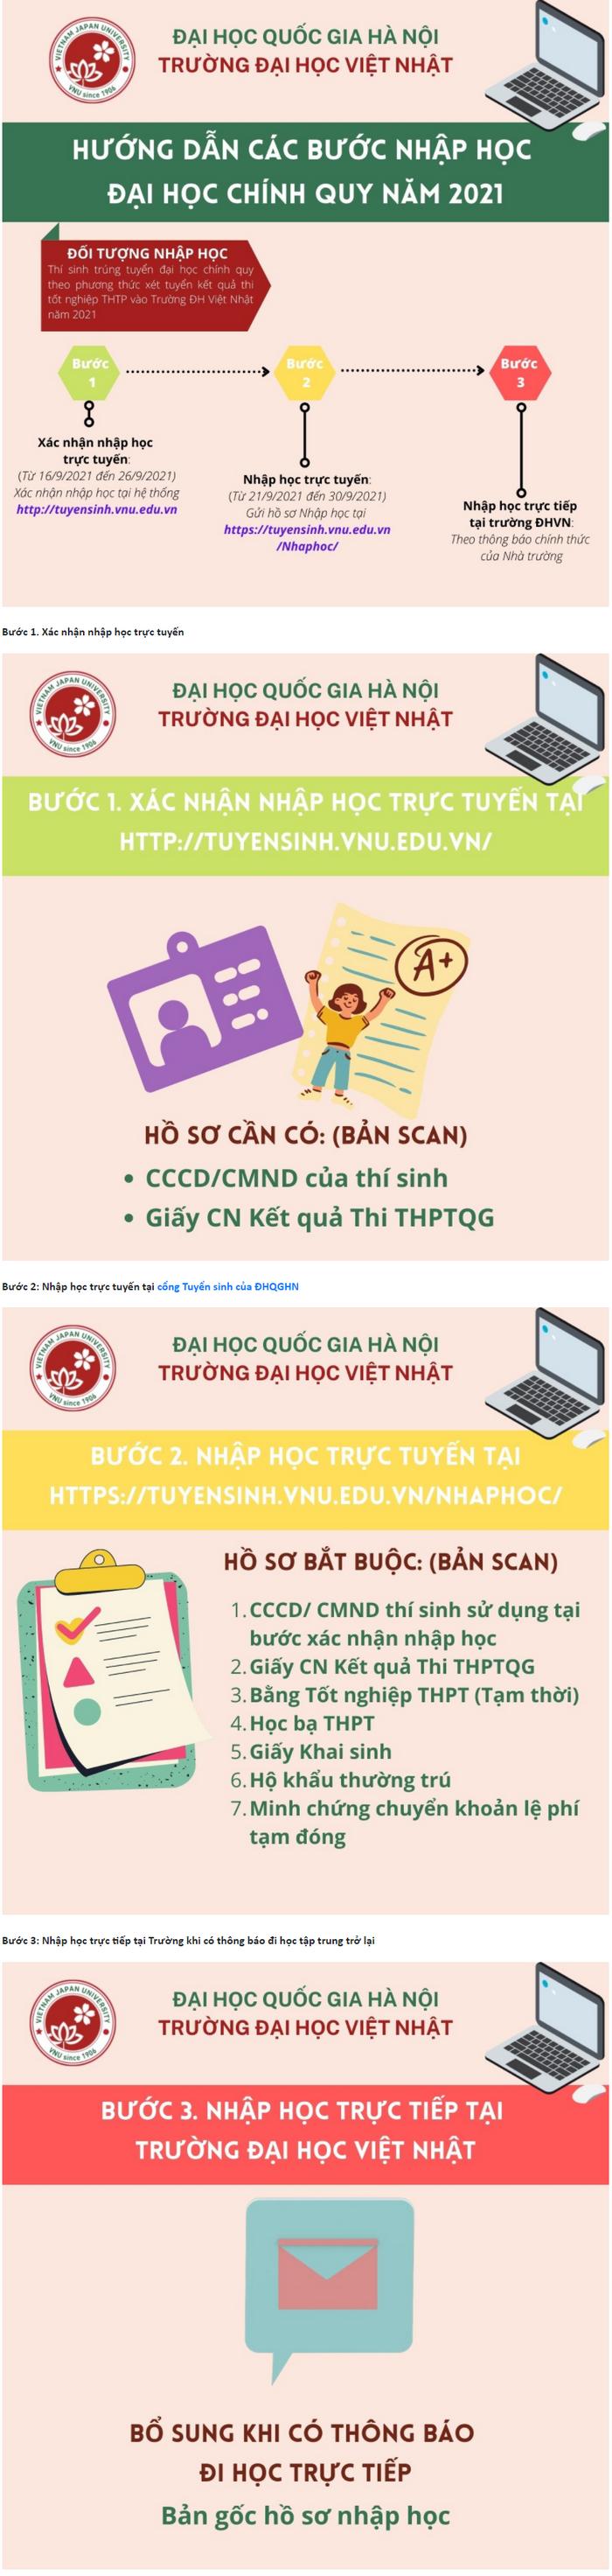 Thu tuc nhap hoc Dai hoc Viet Nhat nam 2021